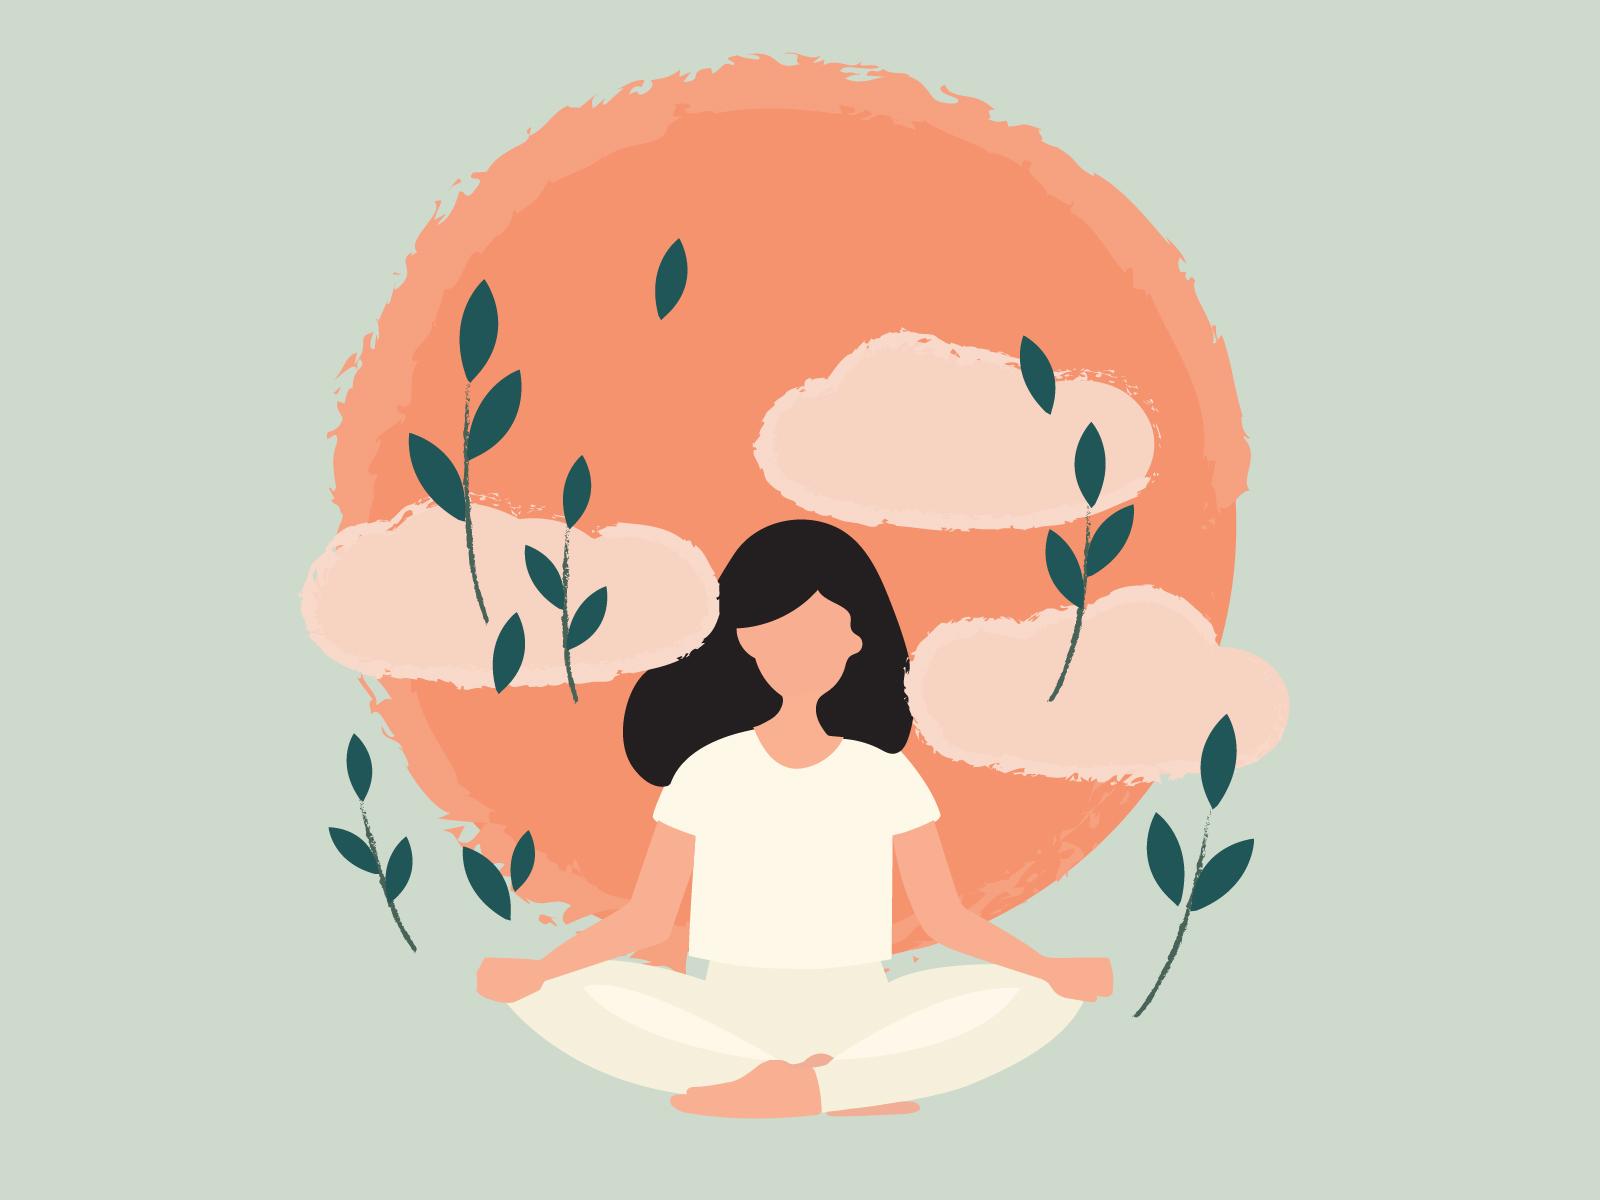 8 việc nhỏ để nuôi lớn tình yêu bản thân mỗi ngày